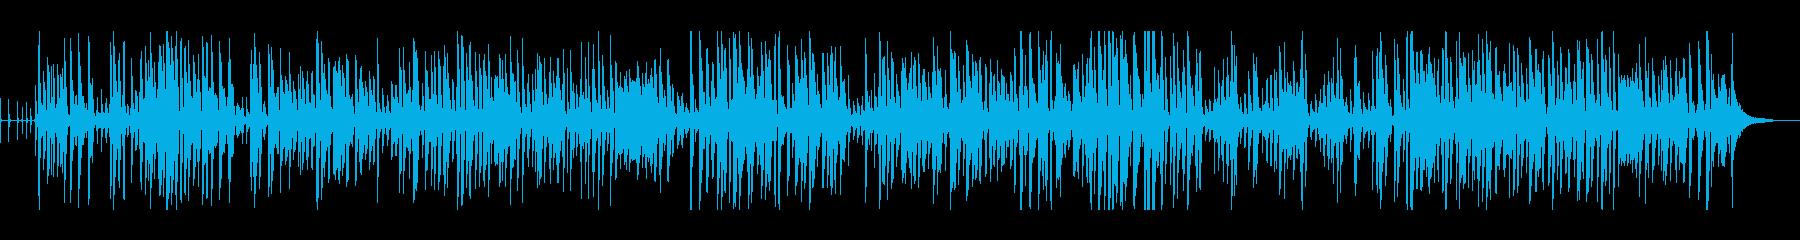 古き良き大正ロマンピアノジャズの再生済みの波形